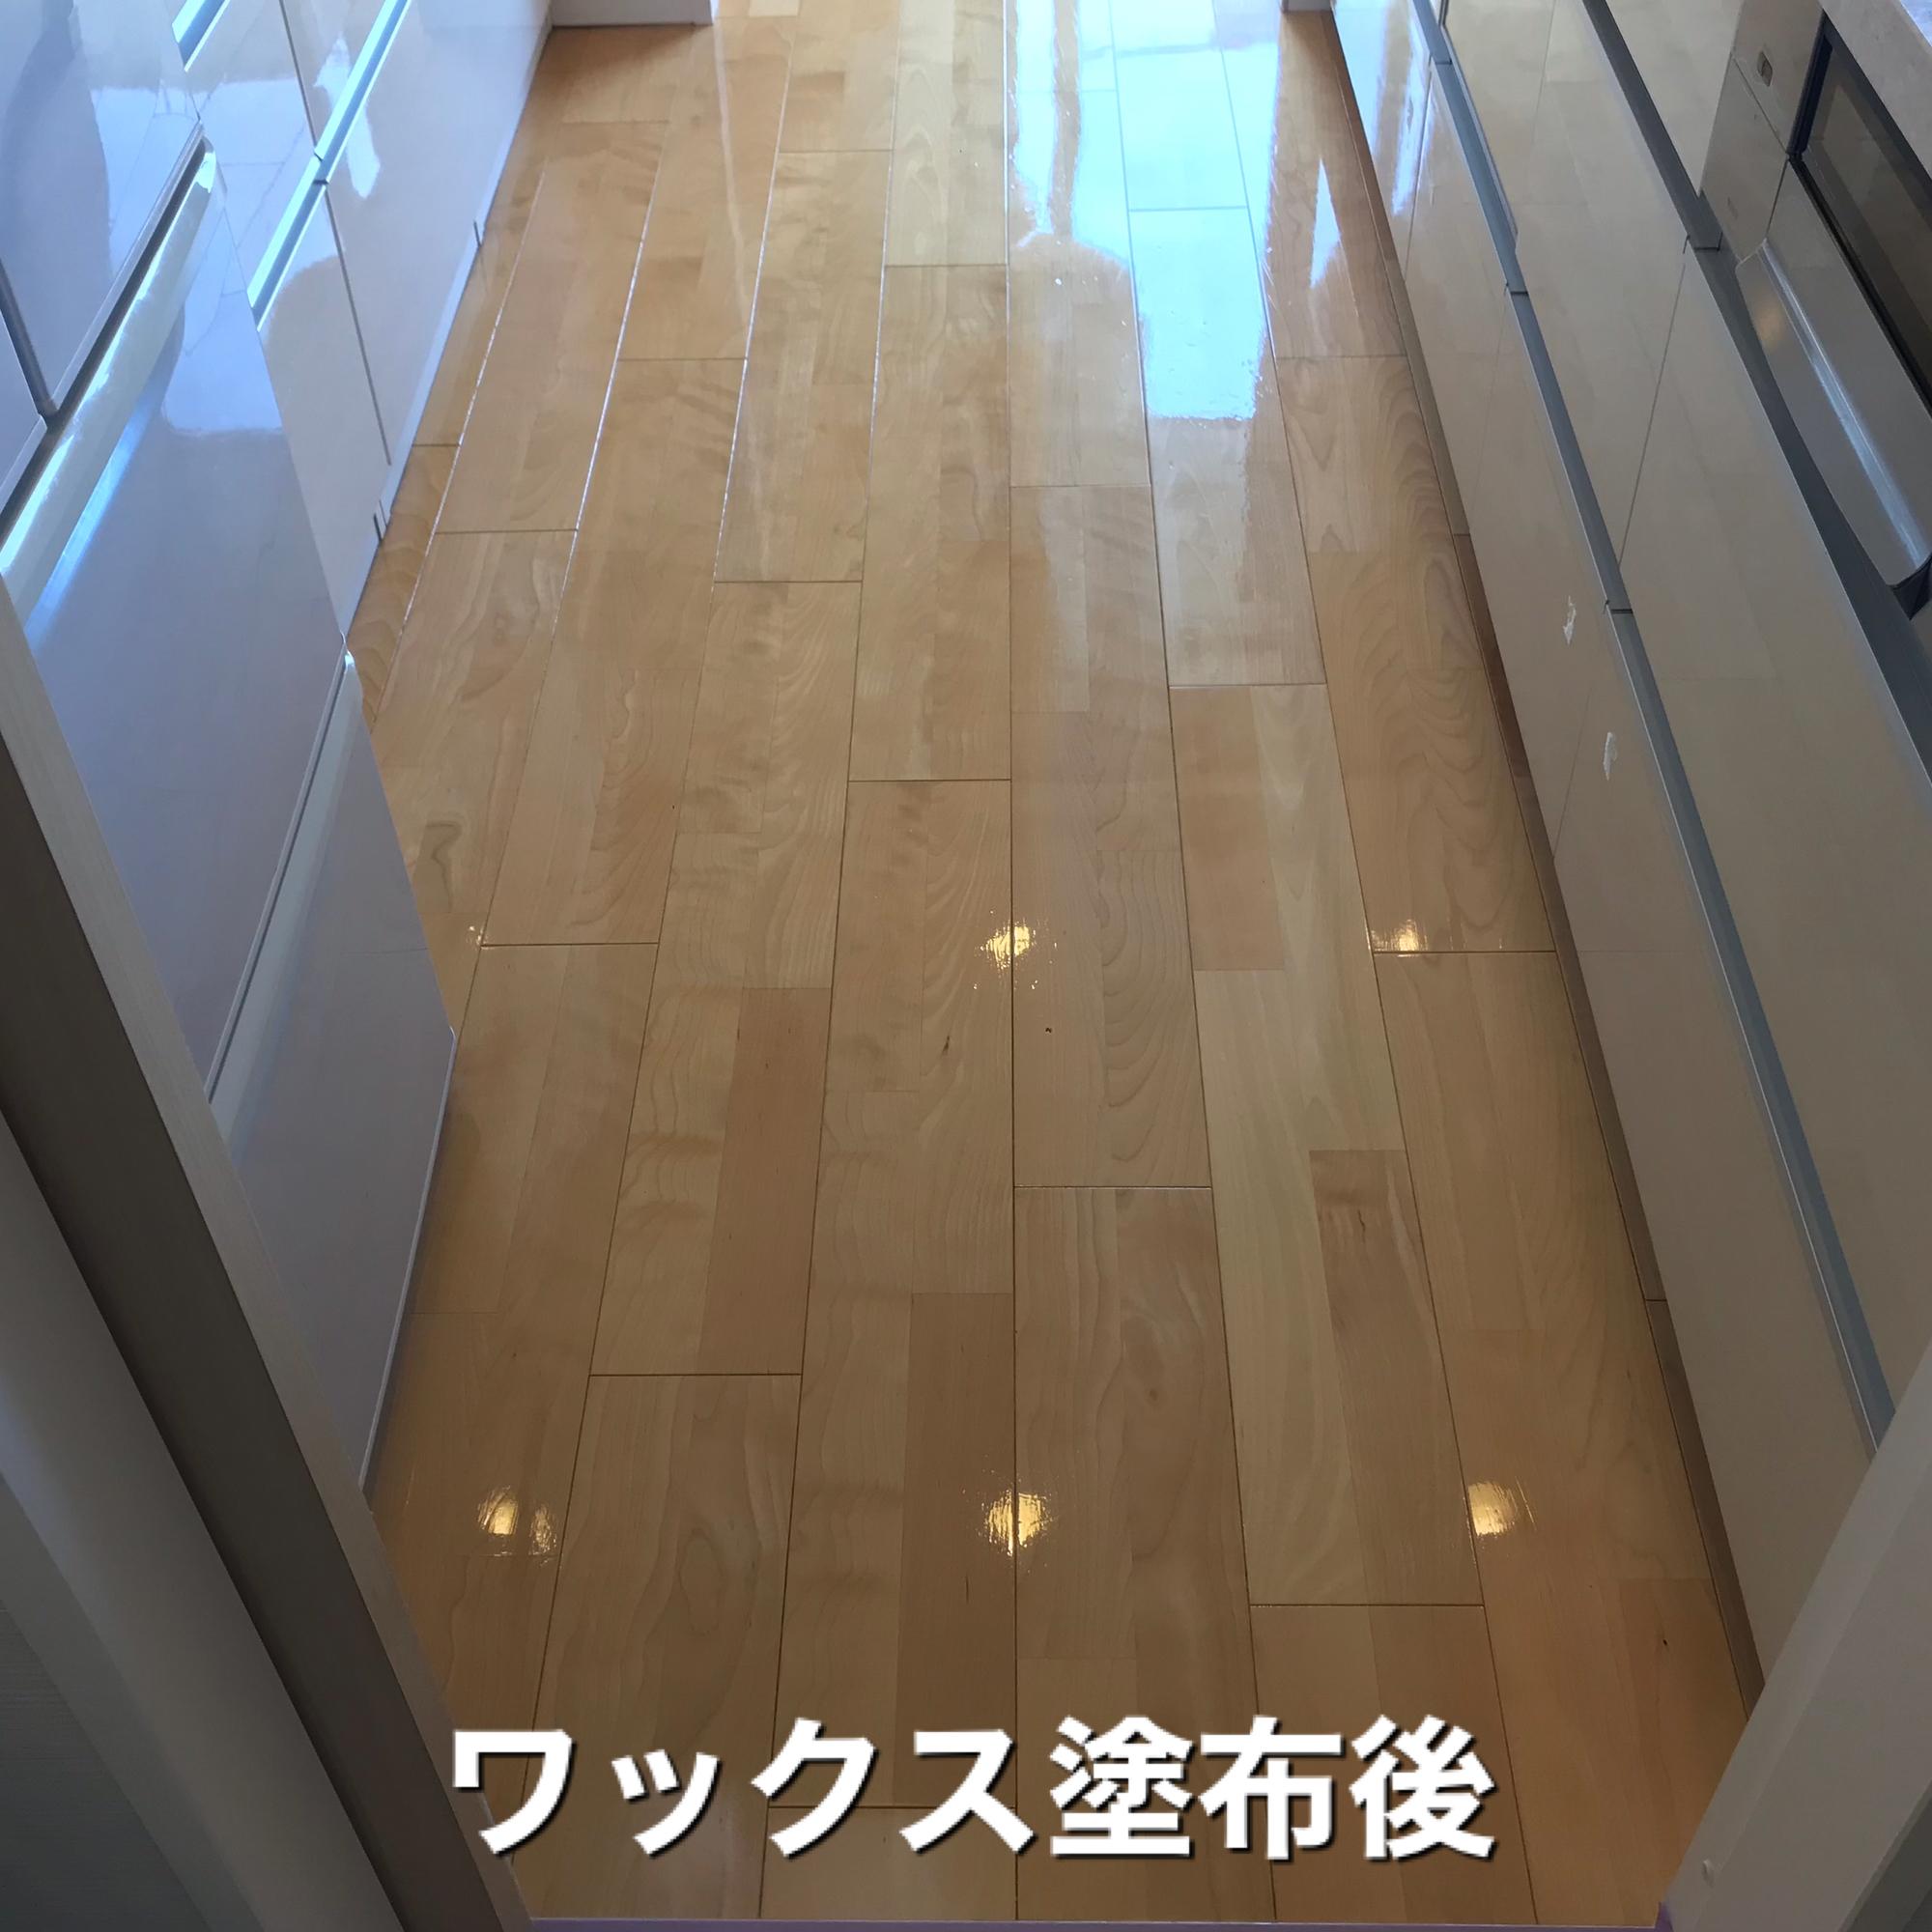 神戸市西区/M様邸/フローリング剥離&ワックス仕上げ